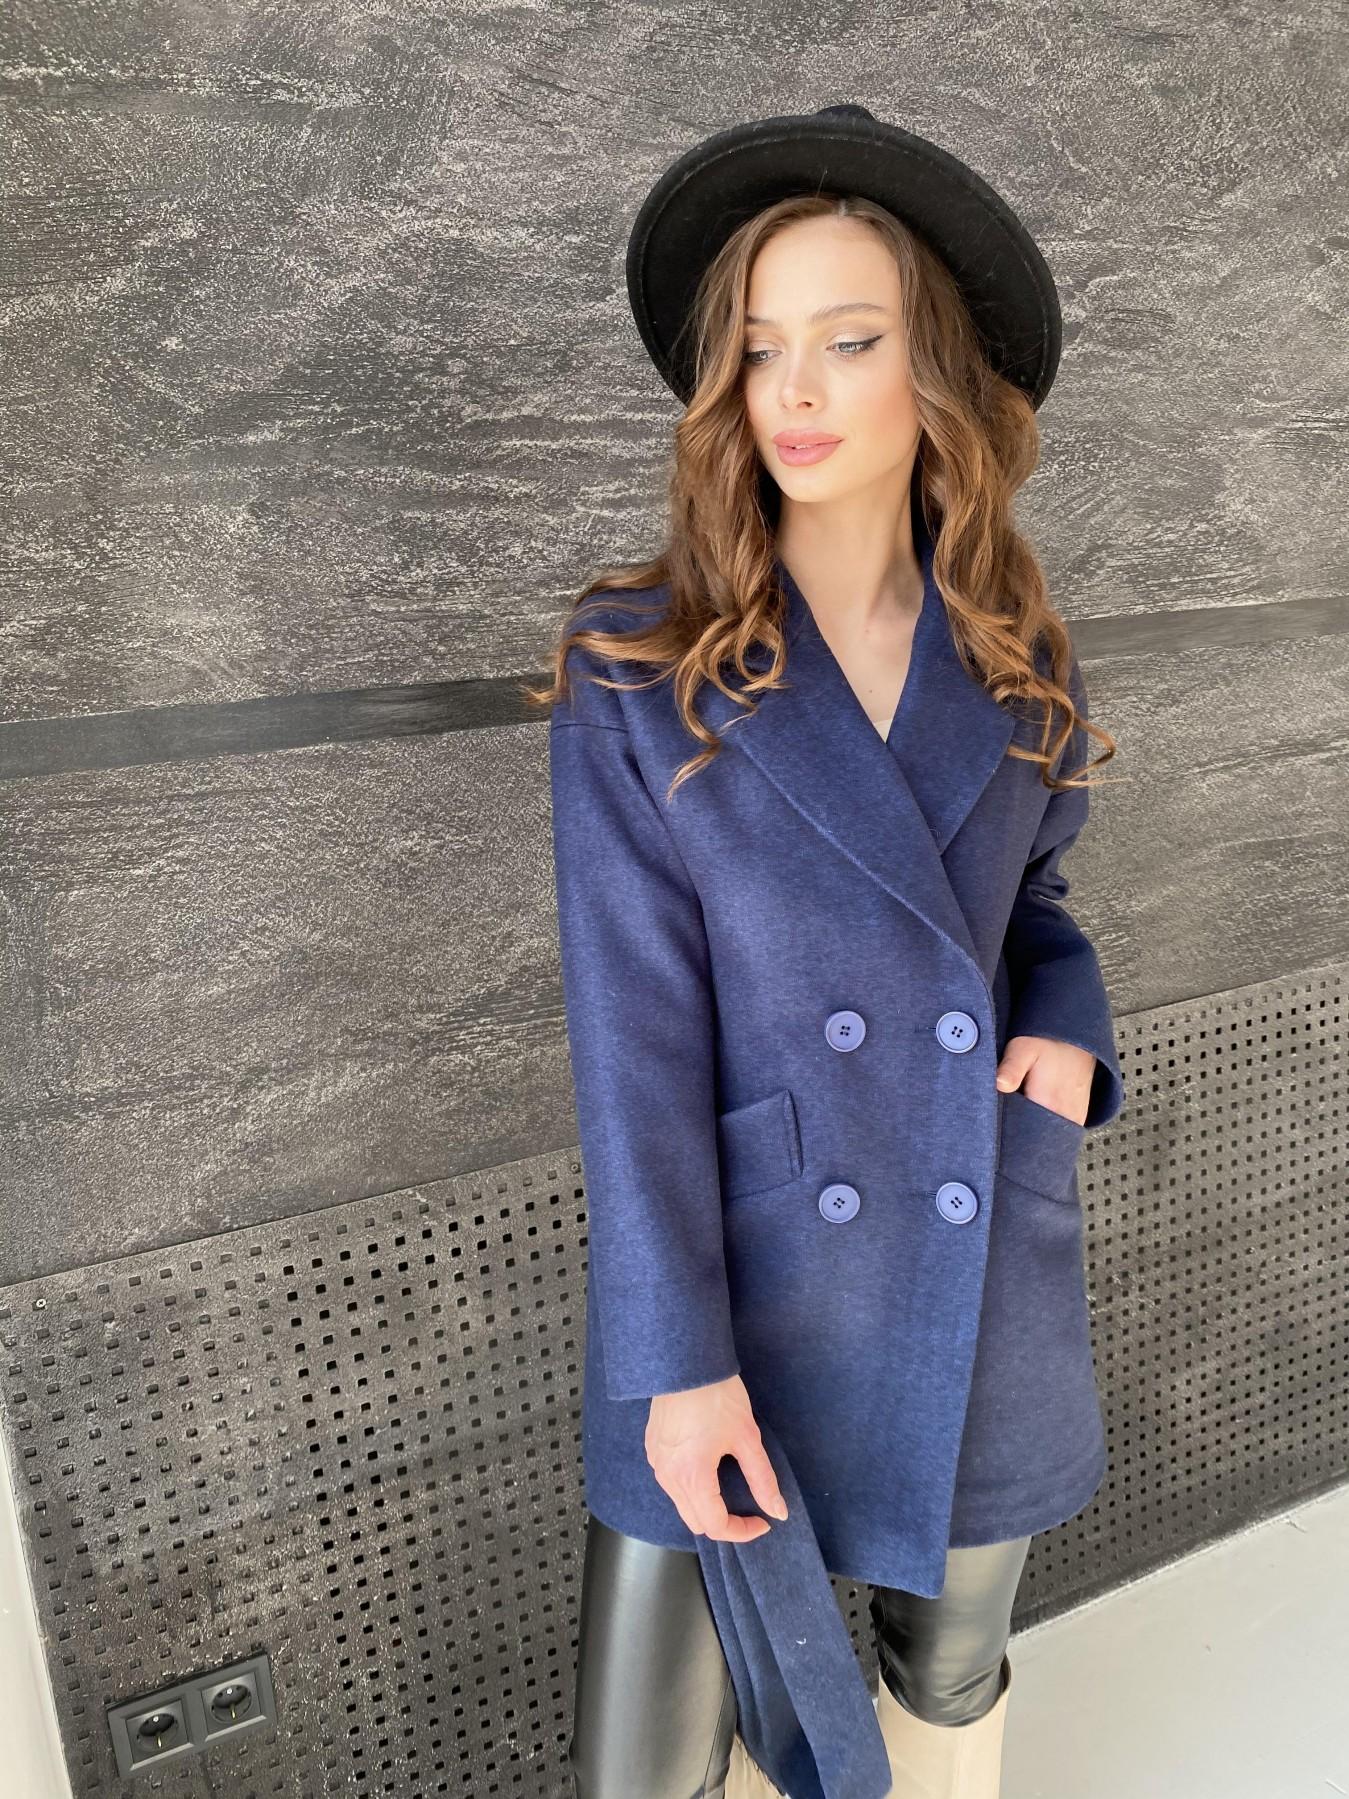 Бонд пальто  кашемировое меланж на трикотаже  10644 АРТ. 47180 Цвет: Т.синий 17 - фото 5, интернет магазин tm-modus.ru